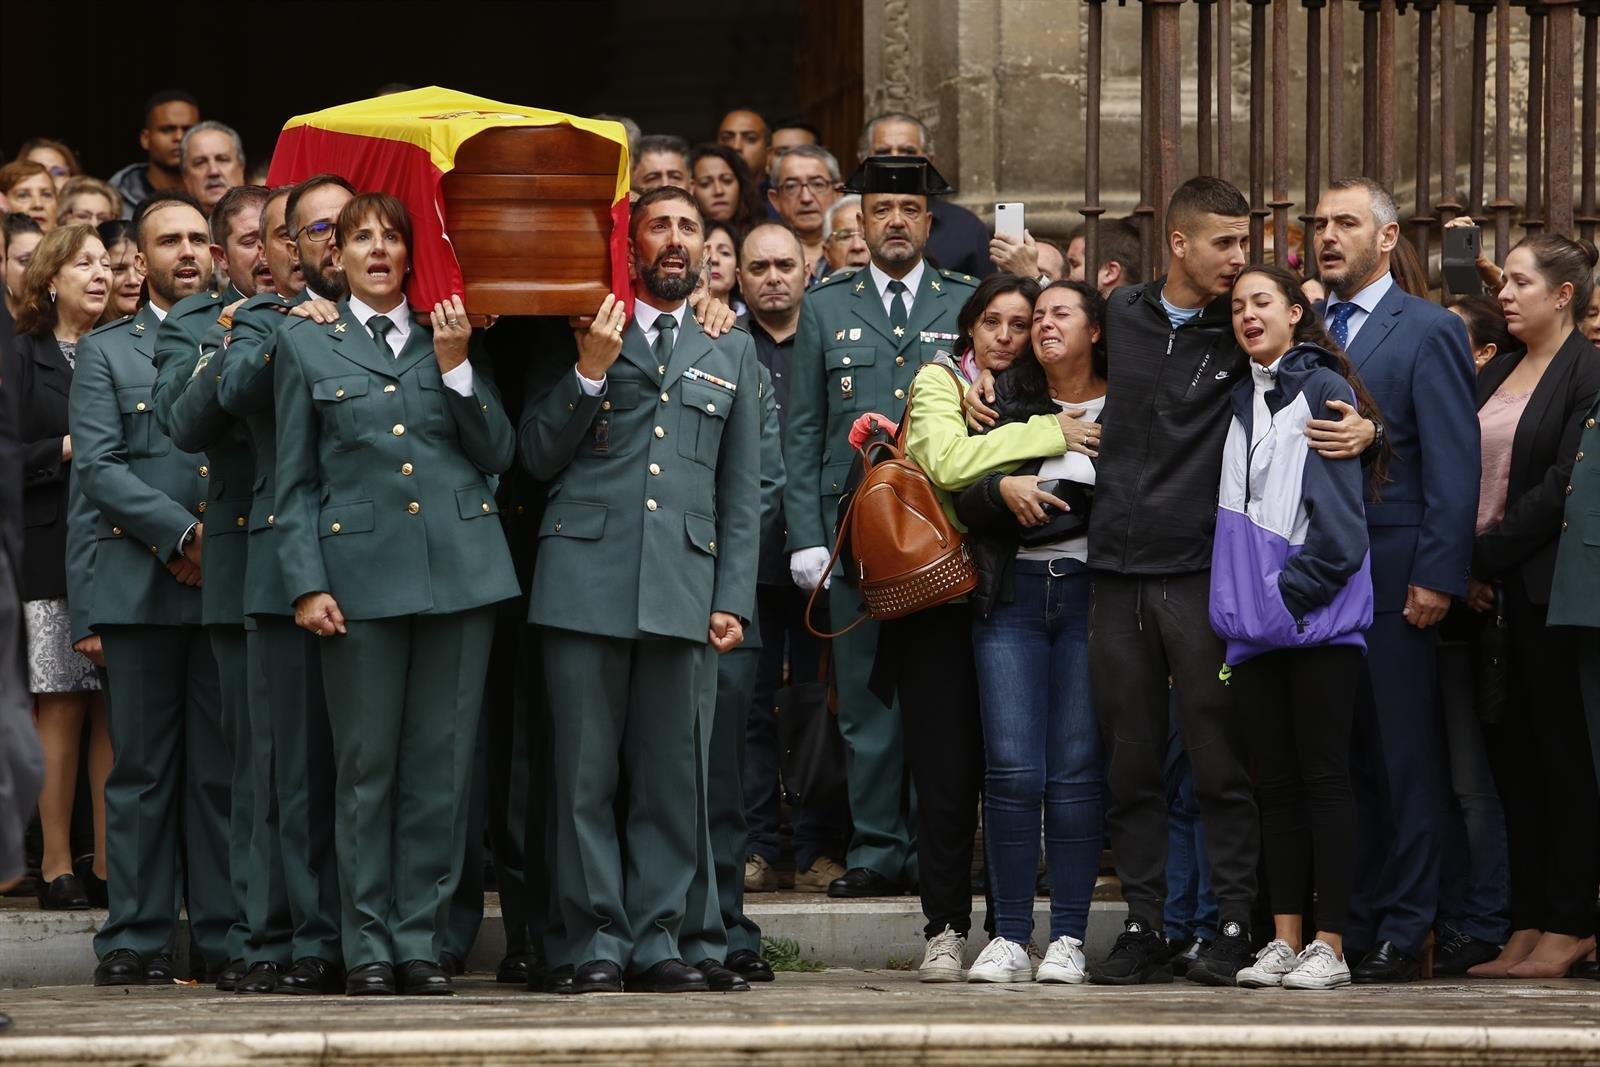 La viuda del agente asesinado en Huétor Vega «justicia» antes del inicio del juicio